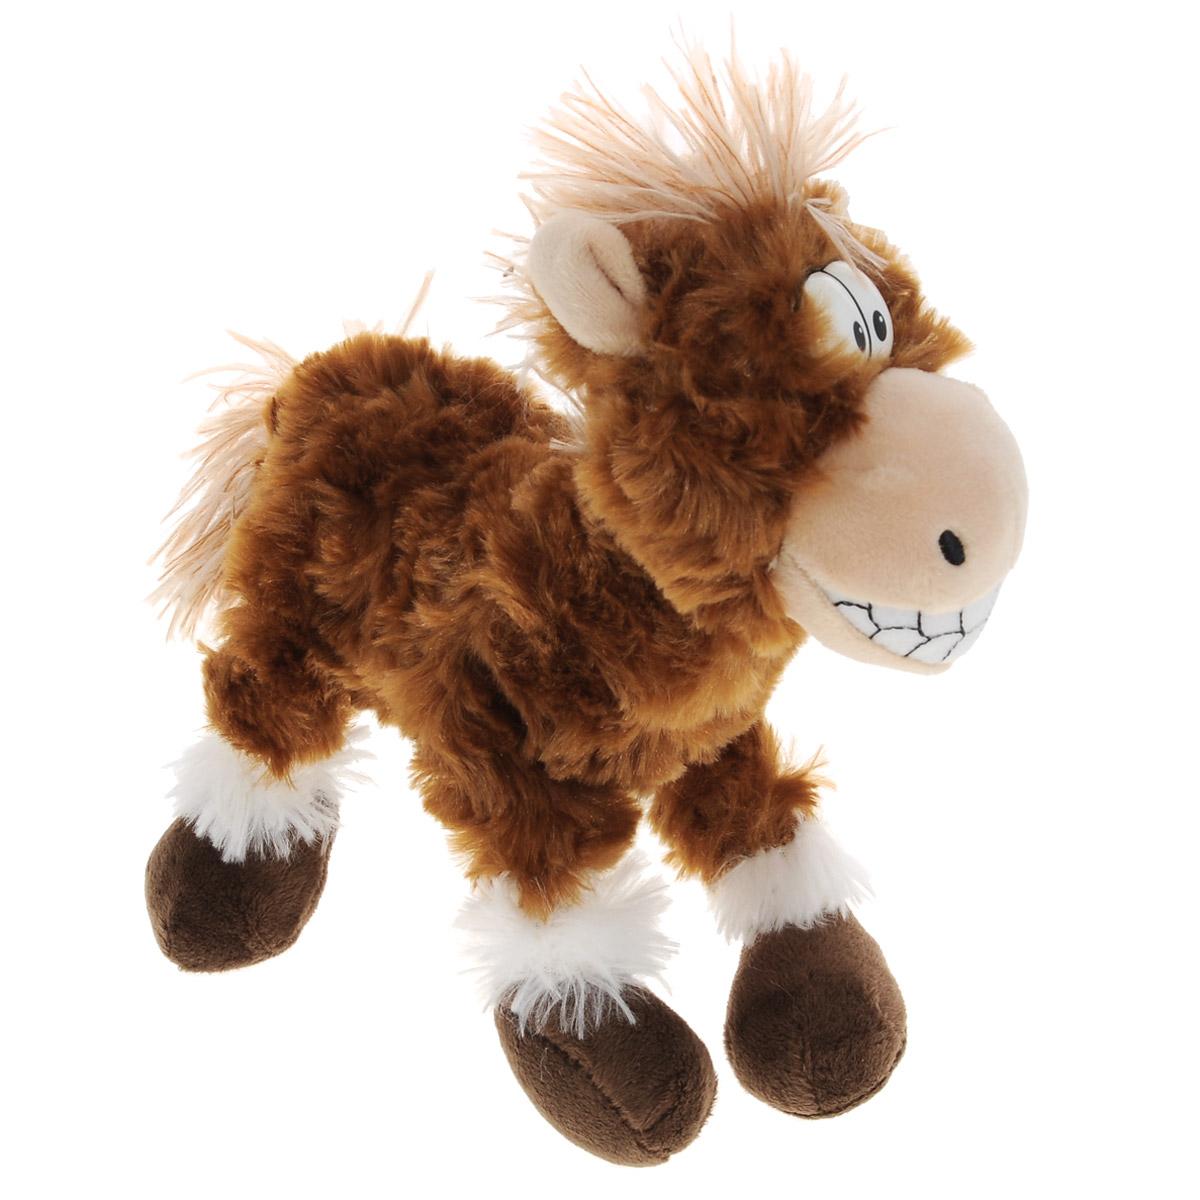 Мягкая игрушка Plush Apple Лошадка весельчак, 22 смK33049BЗабавная и симпатичная мягкая игрушка Plush Apple Лошадка весельчак непременно вызовет улыбку у детей и взрослых. Изделие изготовлено из приятных на ощупь и очень мягких материалов, безвредных для малыша. Игрушка выполнена в виде веселой лошадки с пластиковыми глазками. Небольшие размеры игрушки позволяют брать ее на прогулку и в гости, поэтому малышу больше не придется расставаться со своим новым другом.